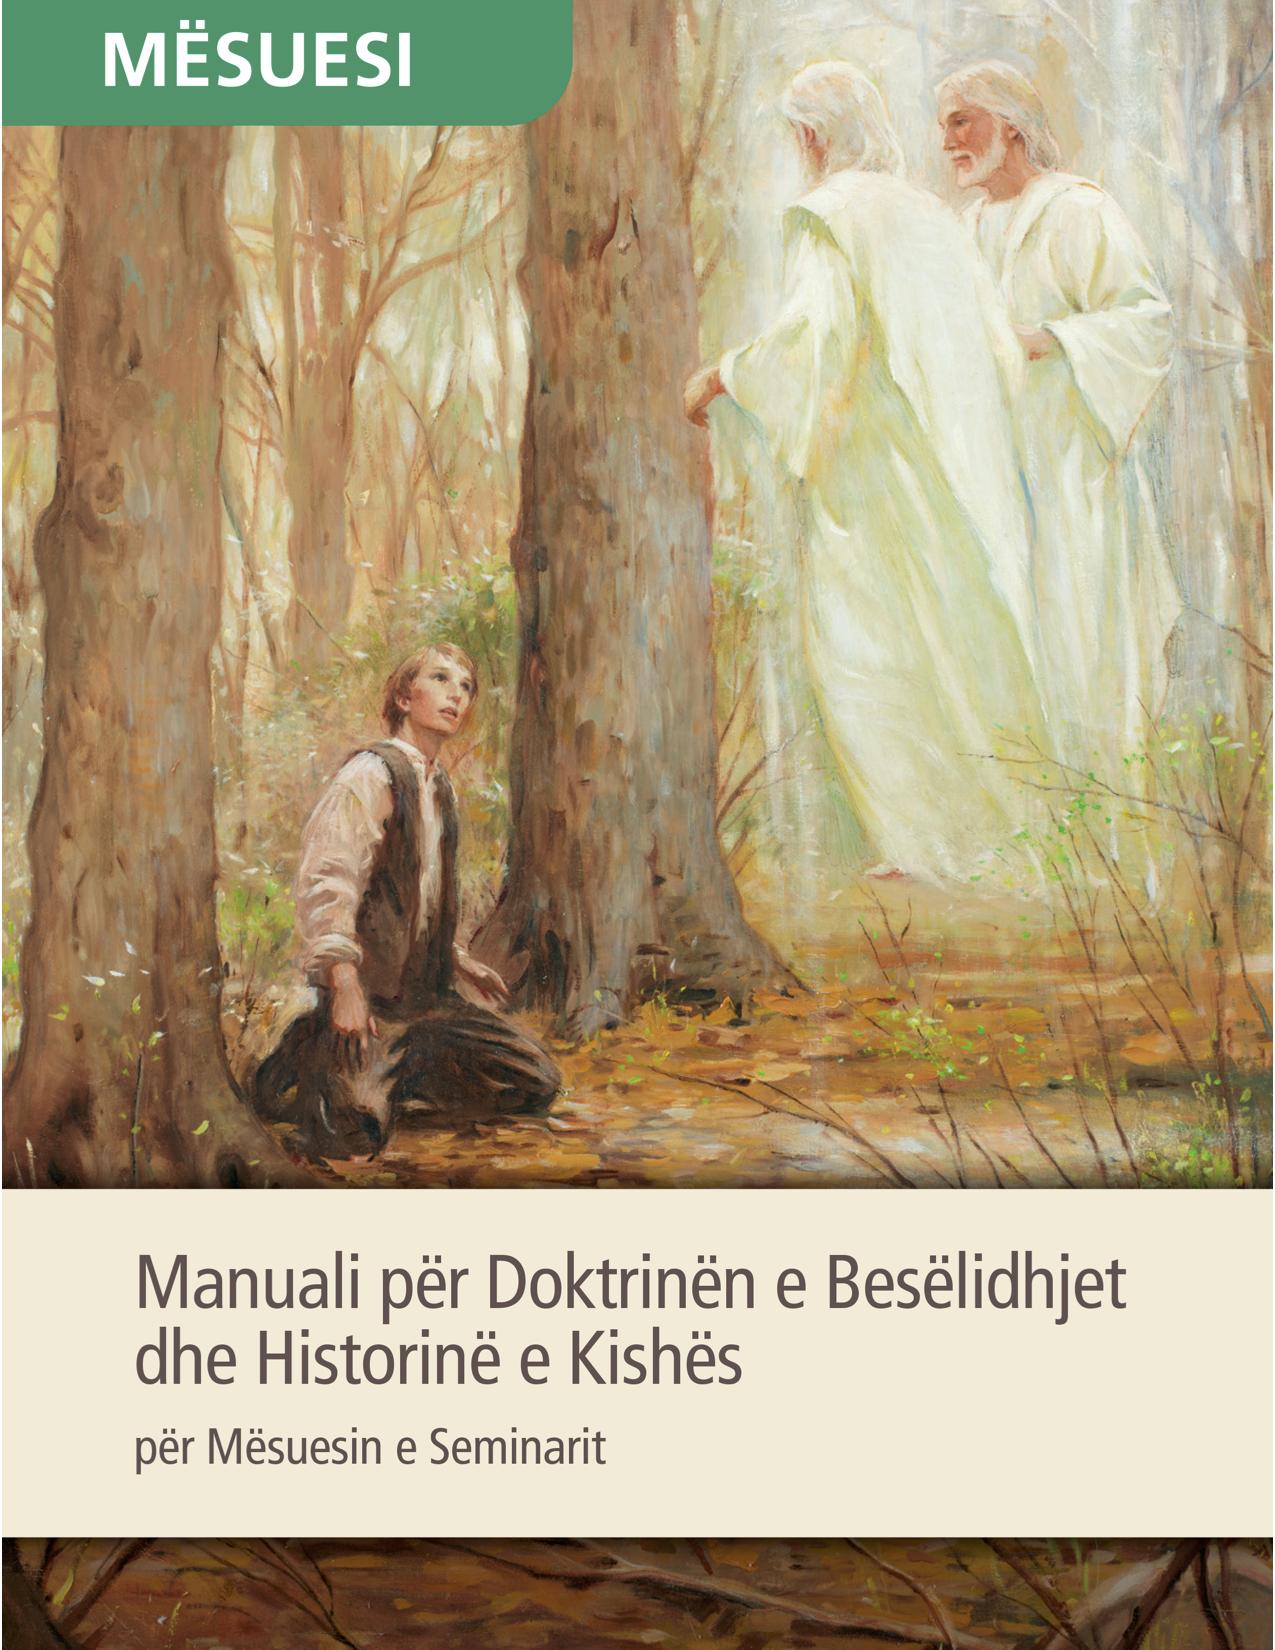 Manuali për Doktrinën e Besëlidhjet dhe Historinë e Kishës për Mësuesin e Seminarit